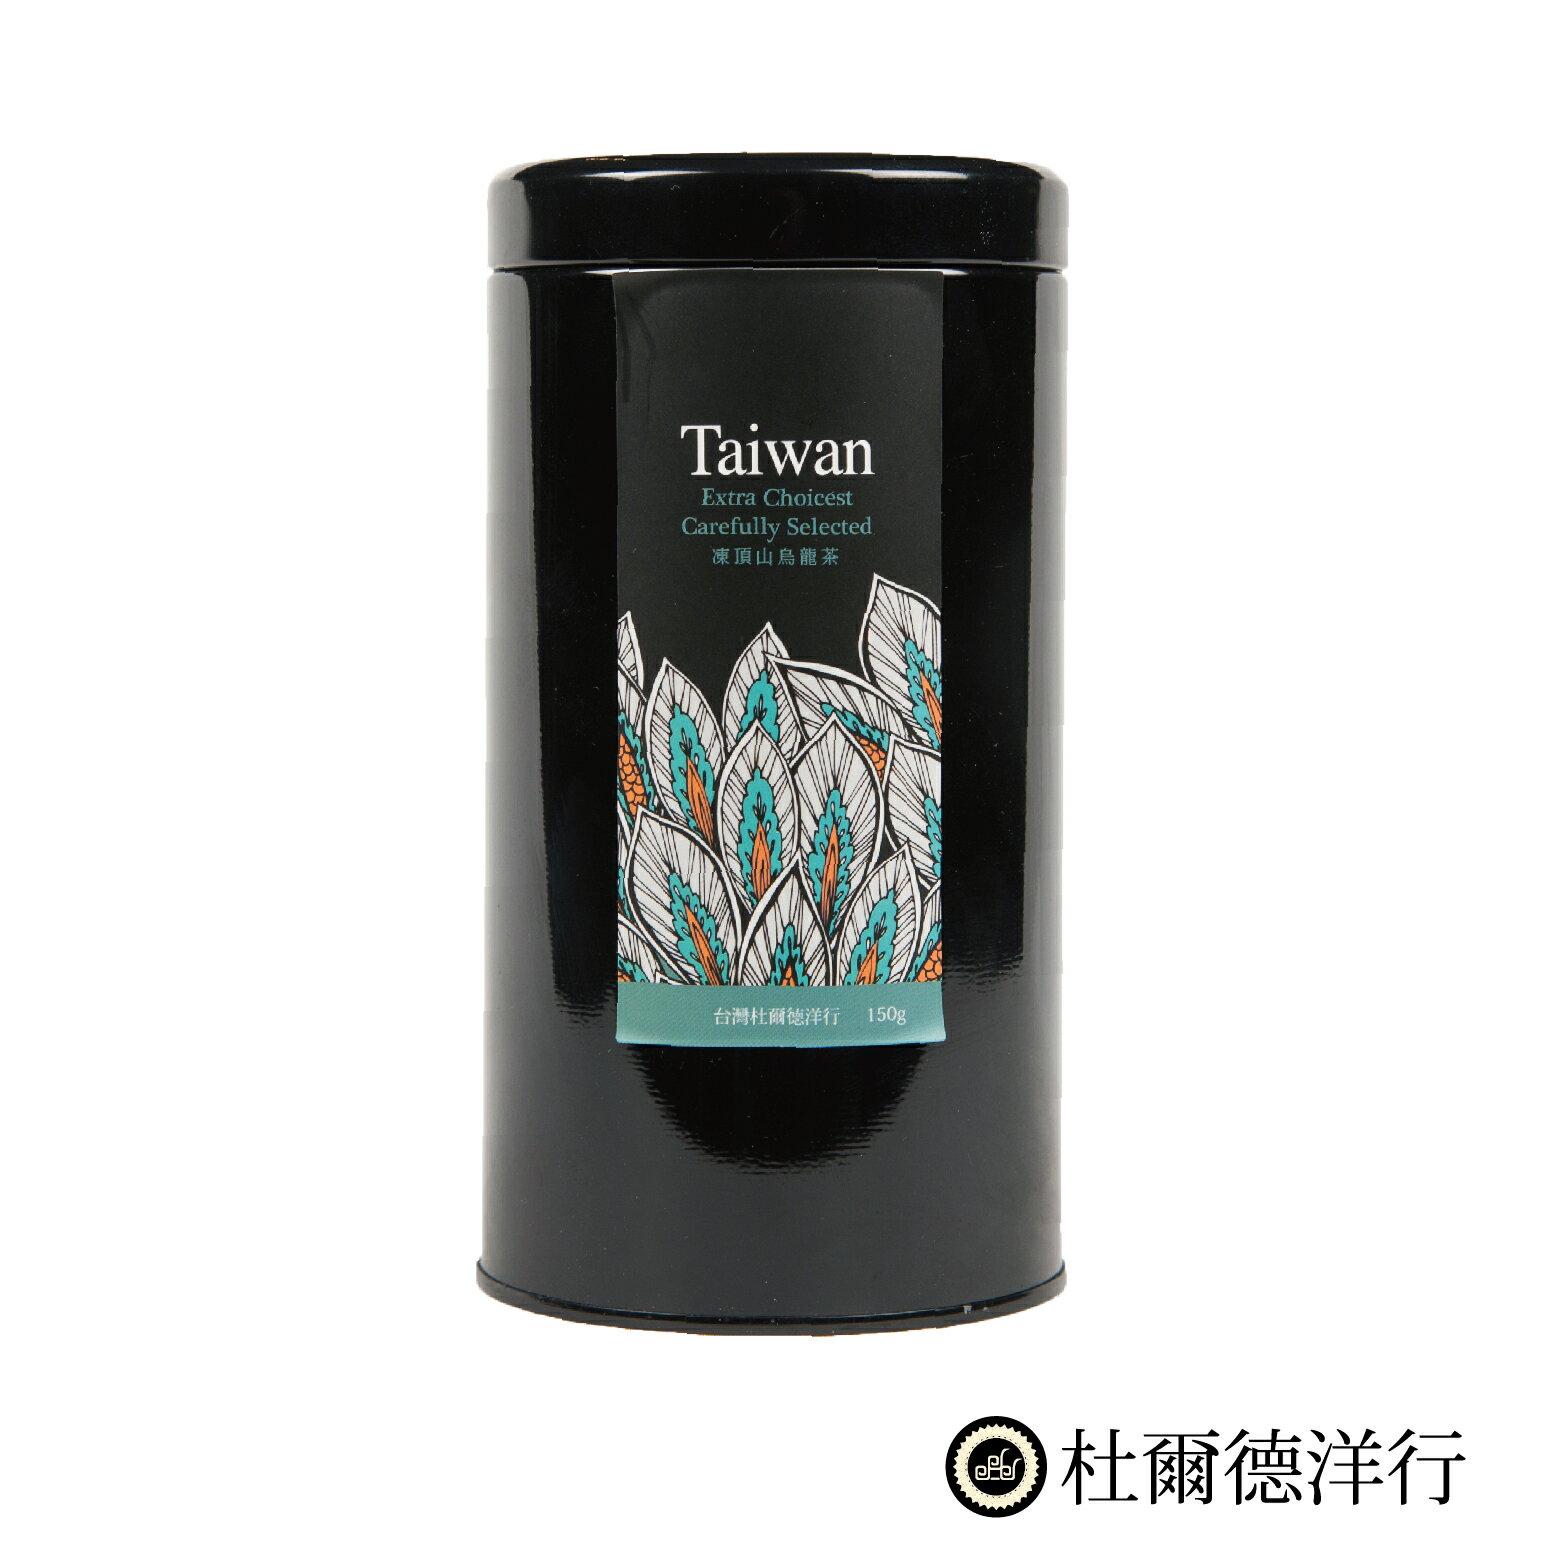 【杜爾德洋行 Dodd Tea】嚴選凍頂山烏龍茶150g 0